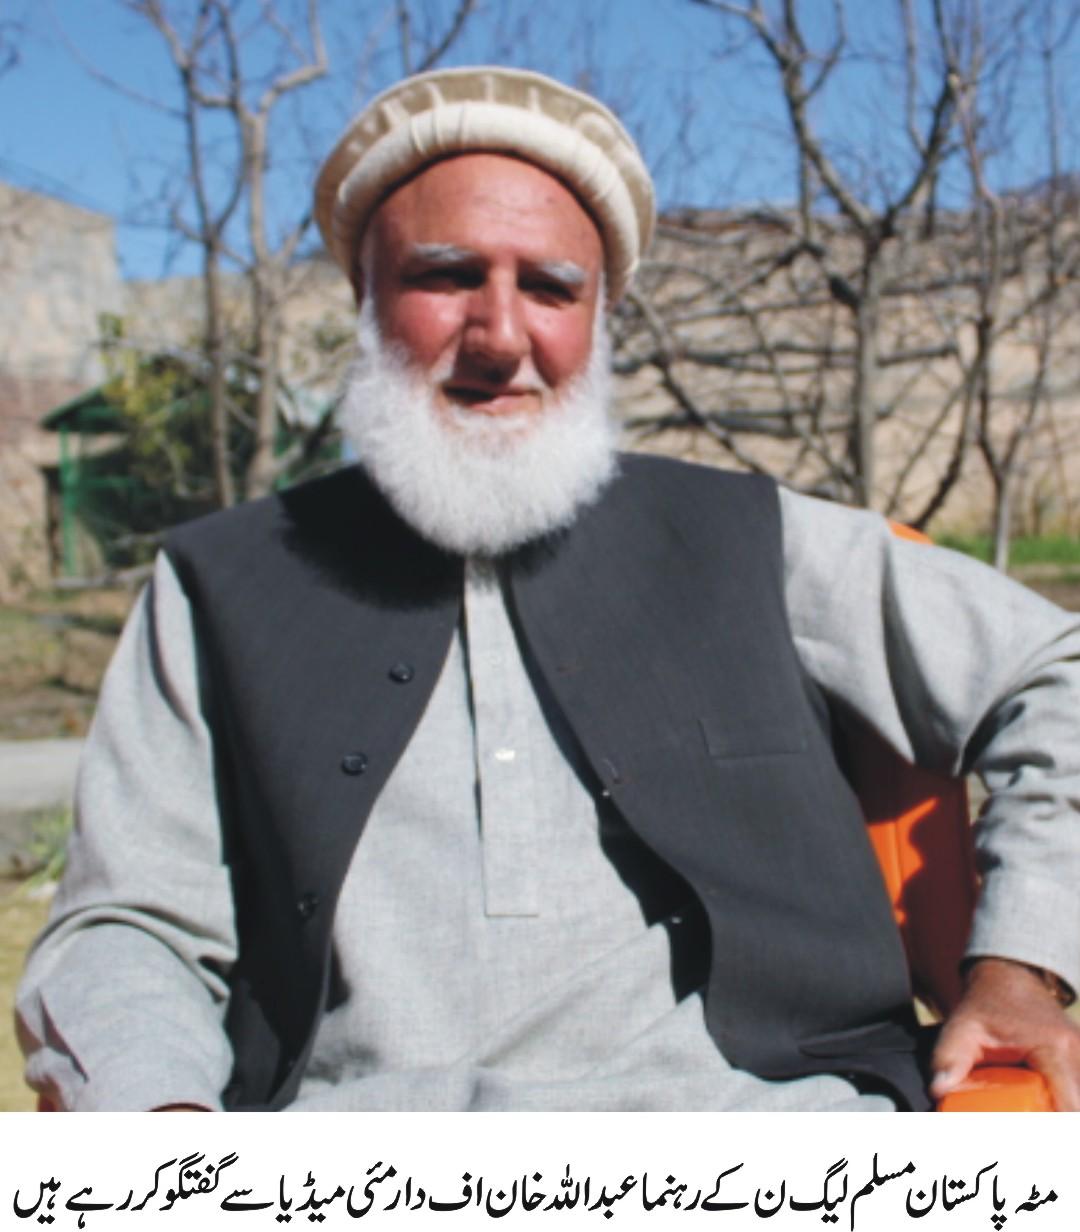 پاکستان مسلم لیگ (ن) آئندہ عام انتخابات میں بھاری اکثریت سے کامیابی حاصل کریگی /عبداللہ خان